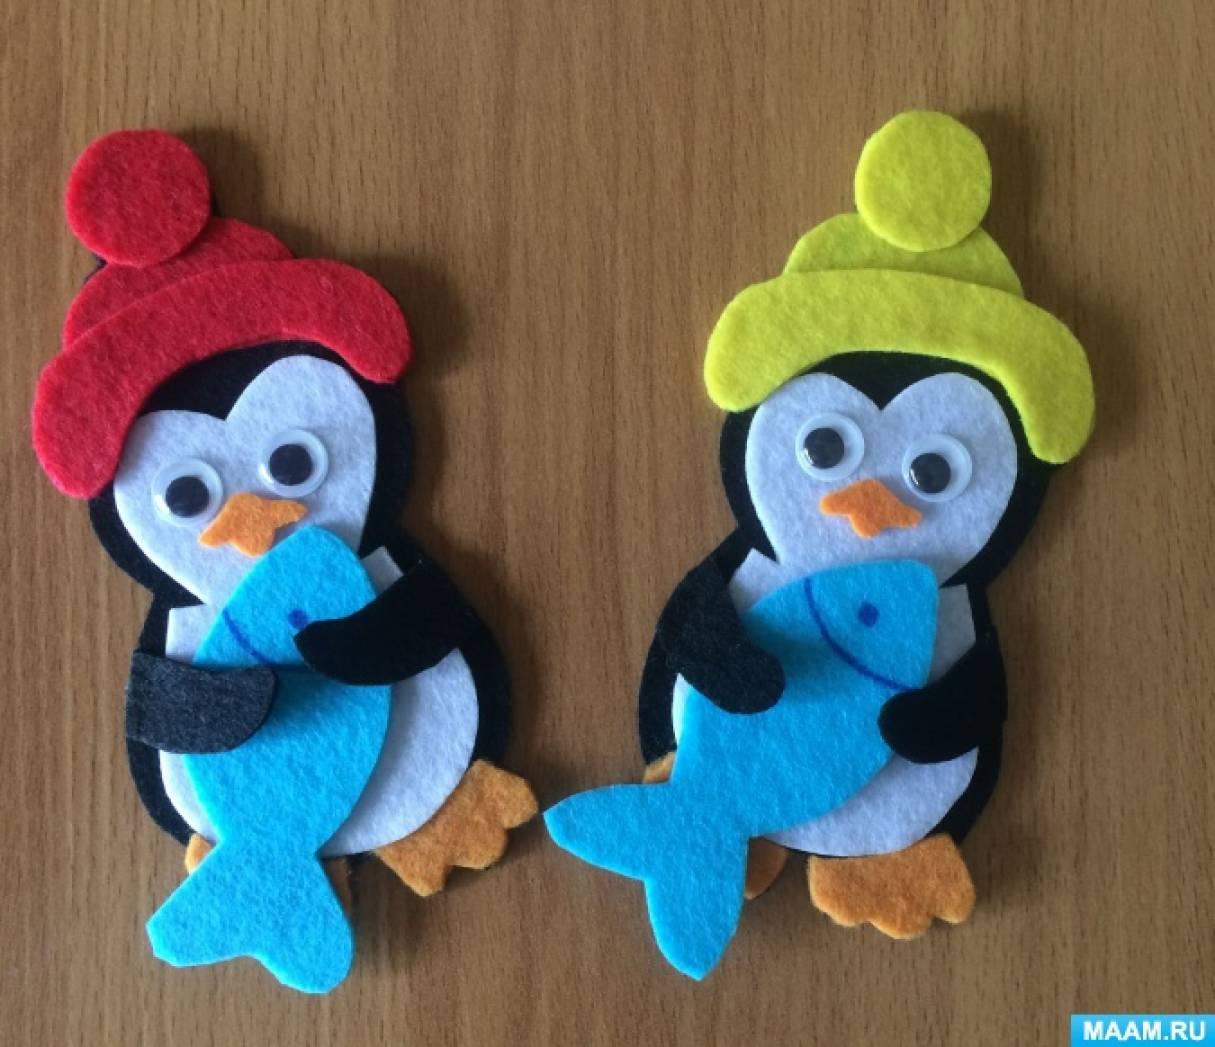 Как сделать из фетра пингвина